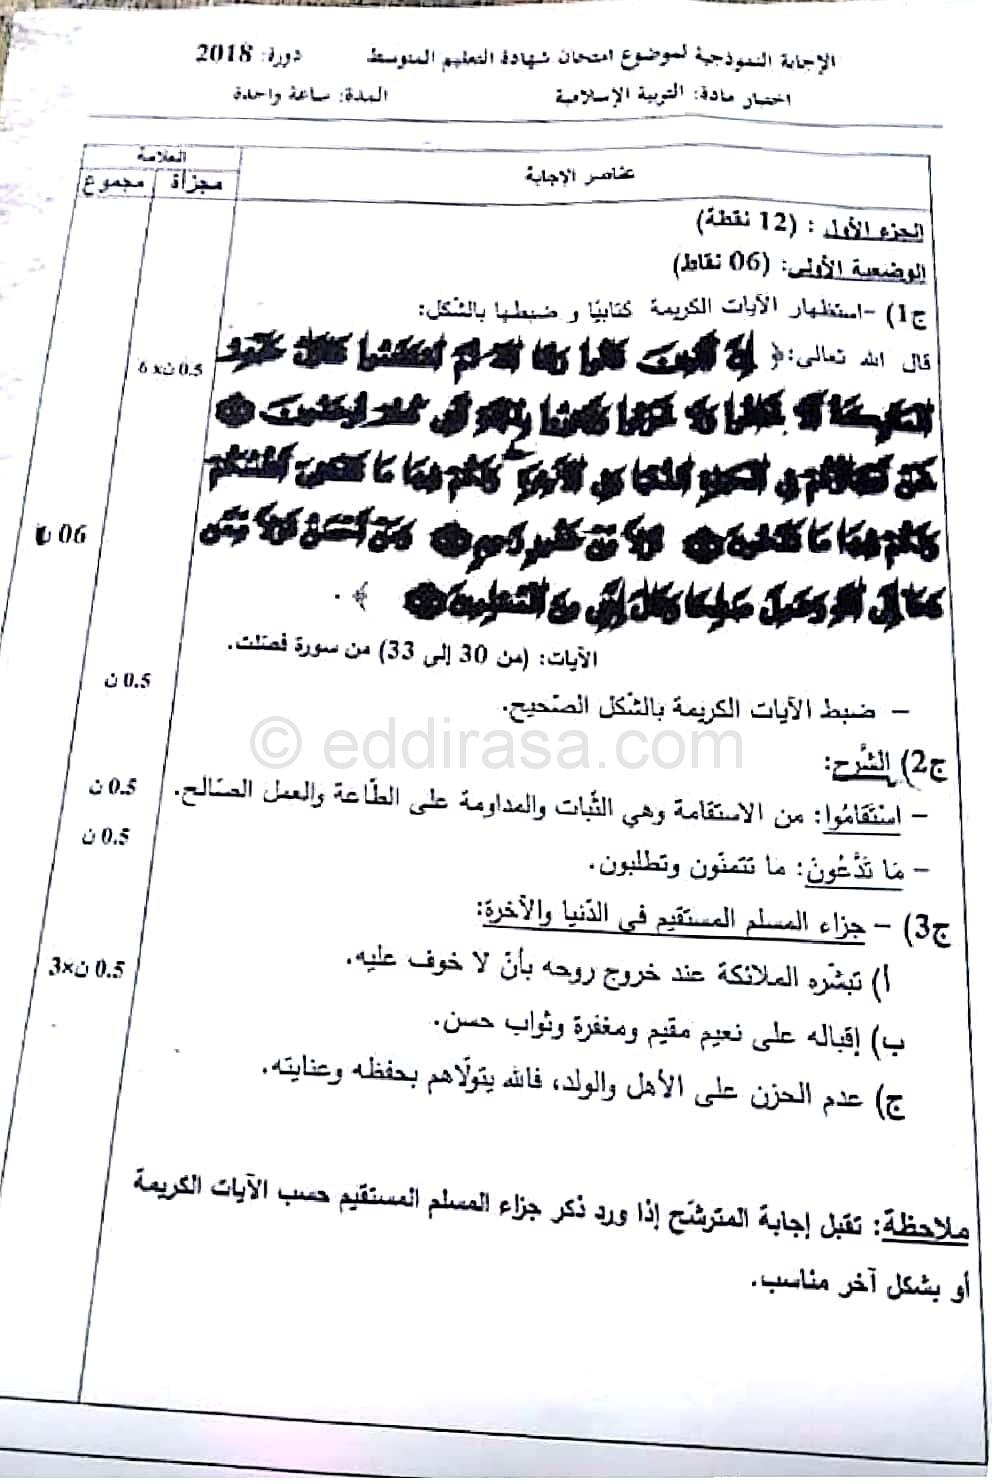 امتحان شهادة تعليم المتوسط التربية الإسلامية 2018 Correction-bem-2018-islamique_1